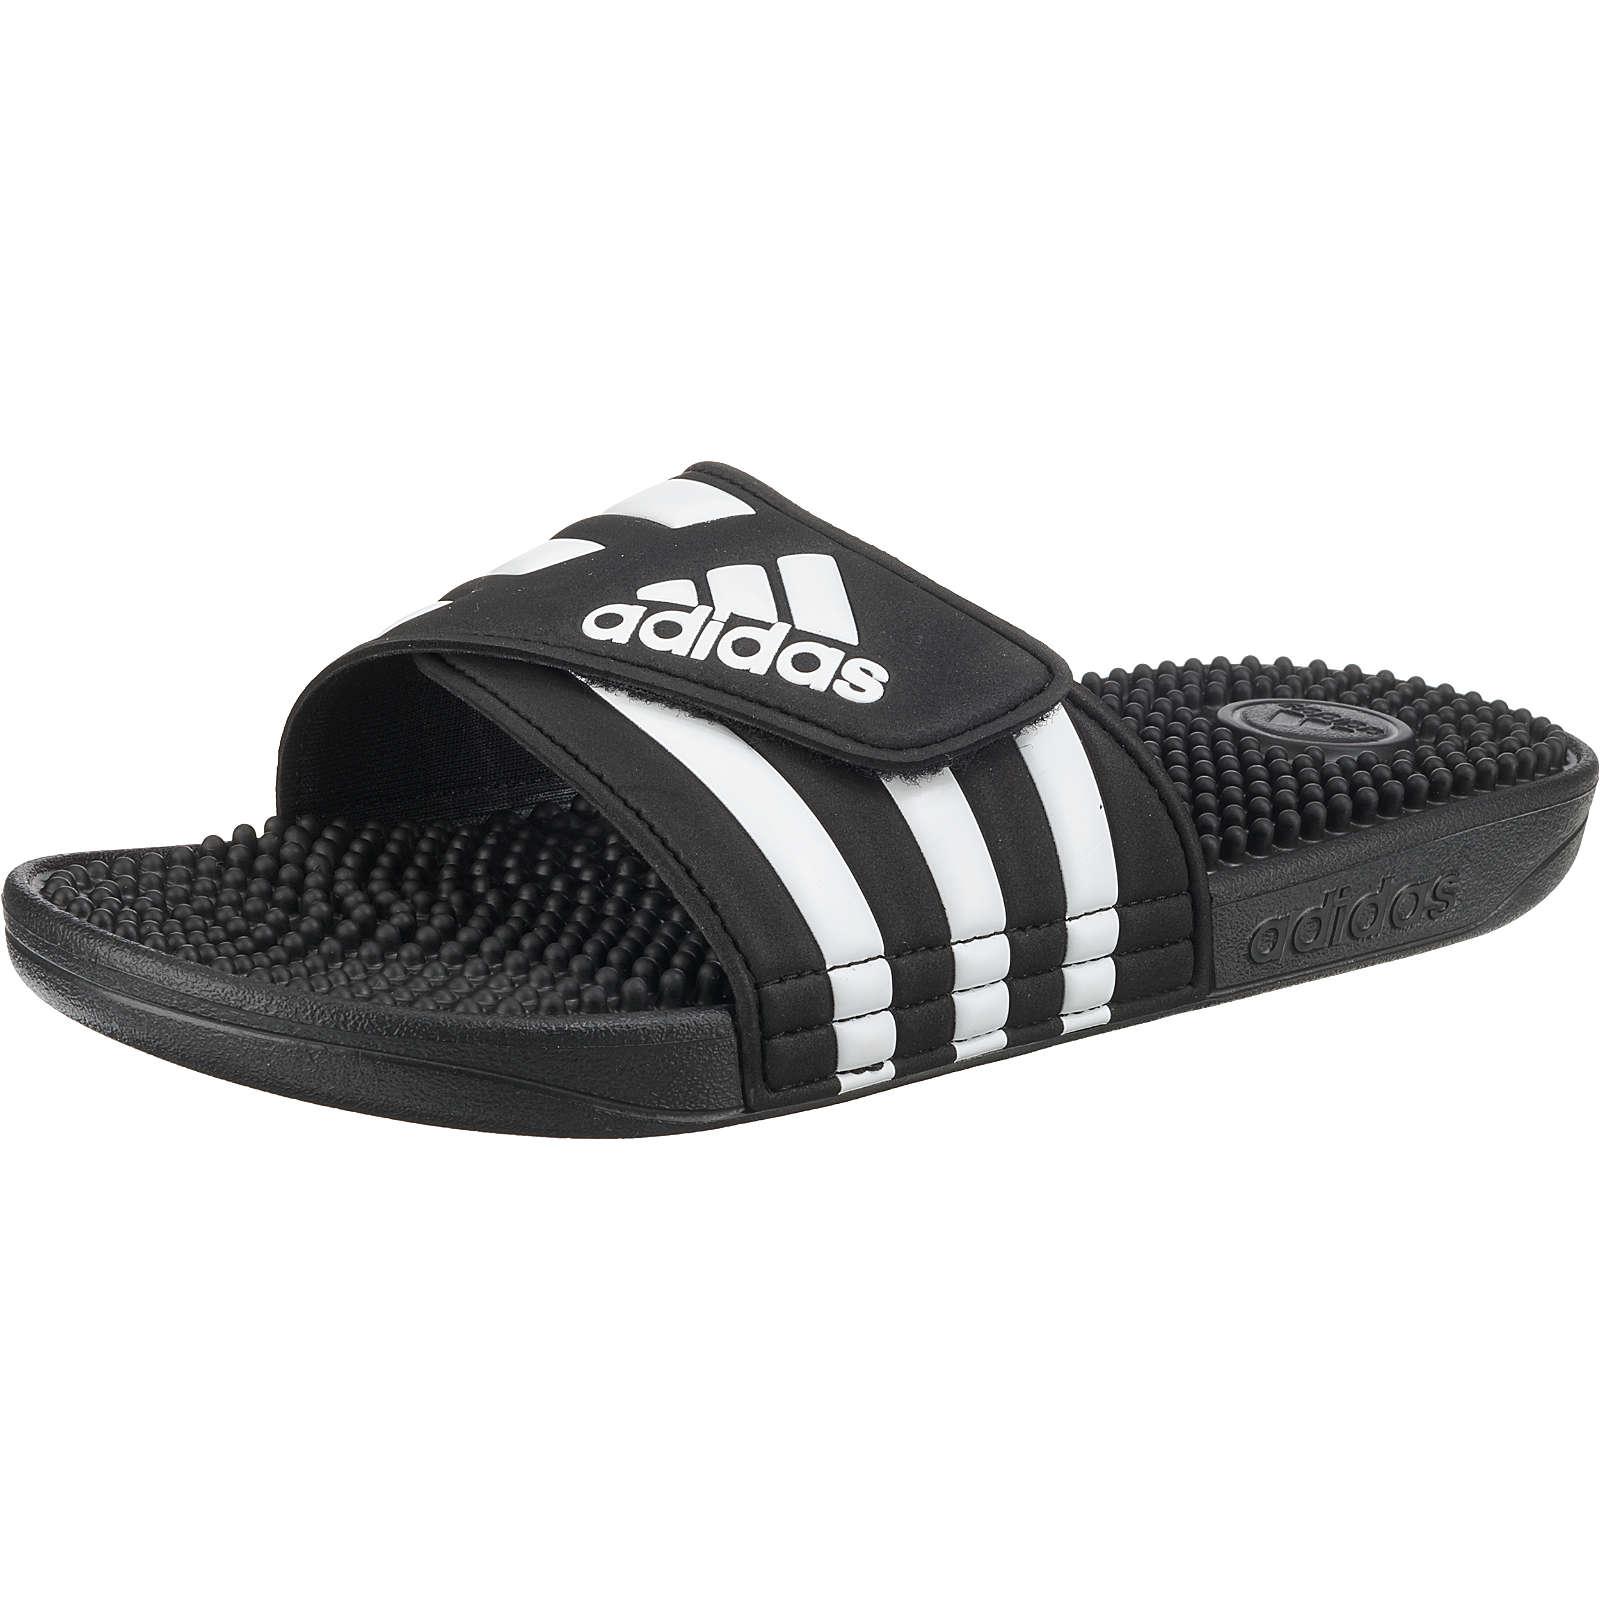 adidas Performance ADISSAGE Badelatschen schwarz Damen Gr. 38